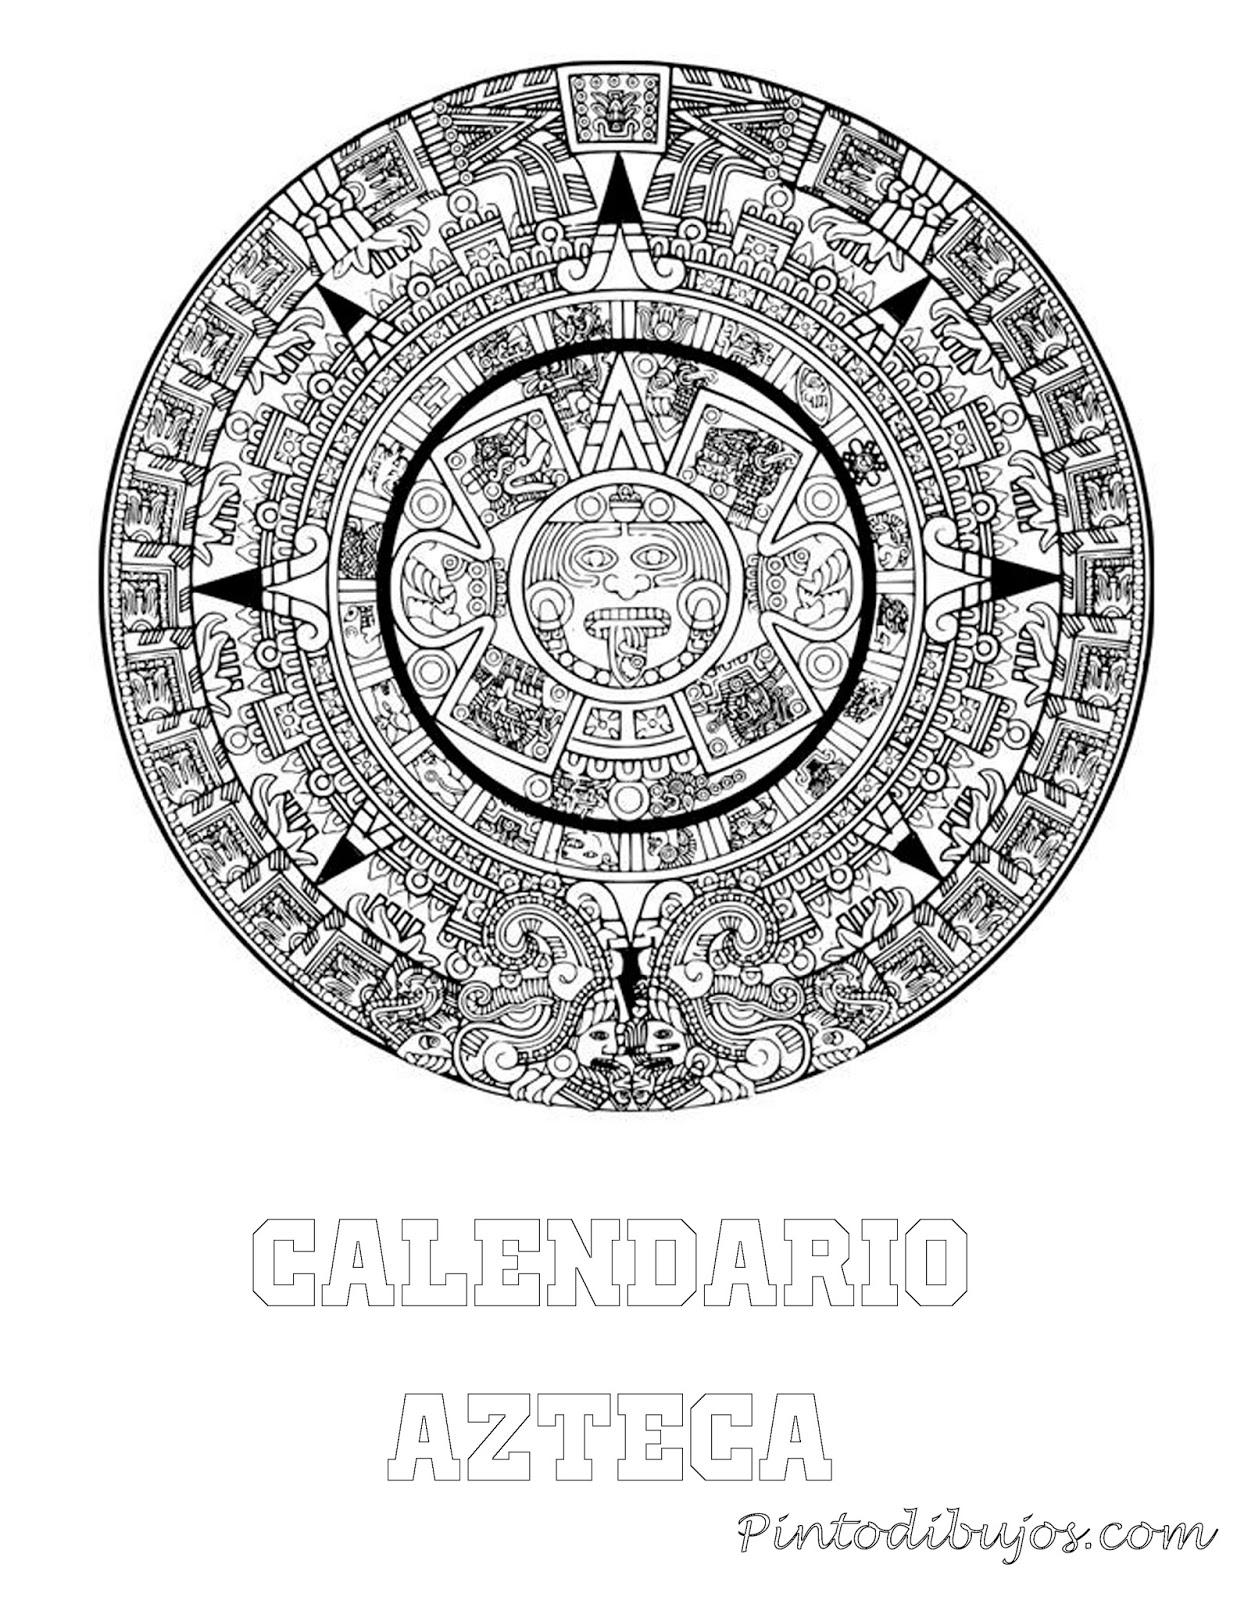 Calendario Azteca para colorear